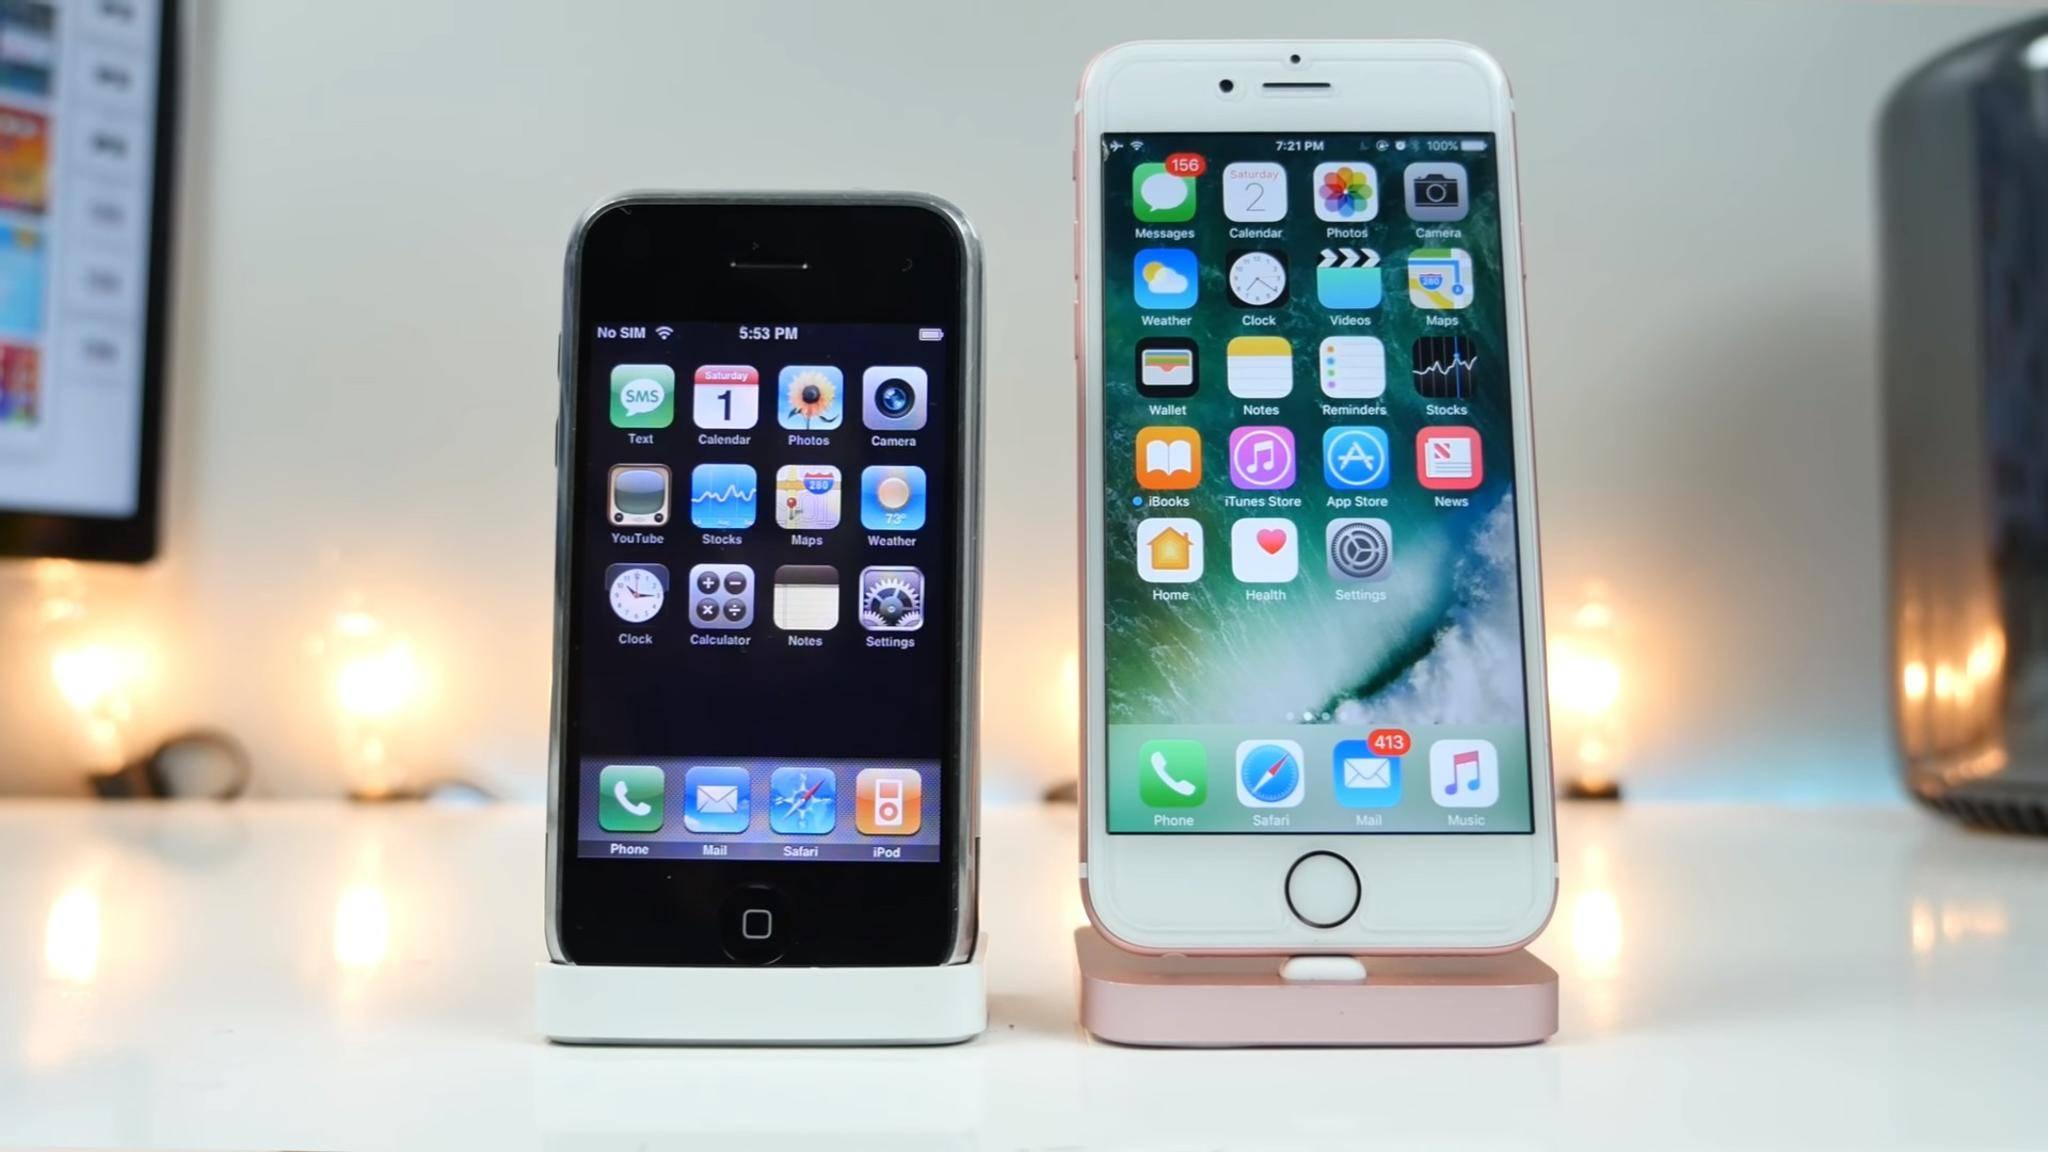 Seit iPhone OS 1 (links) bis zu iOS 10 (rechts) hat sich viel getan.